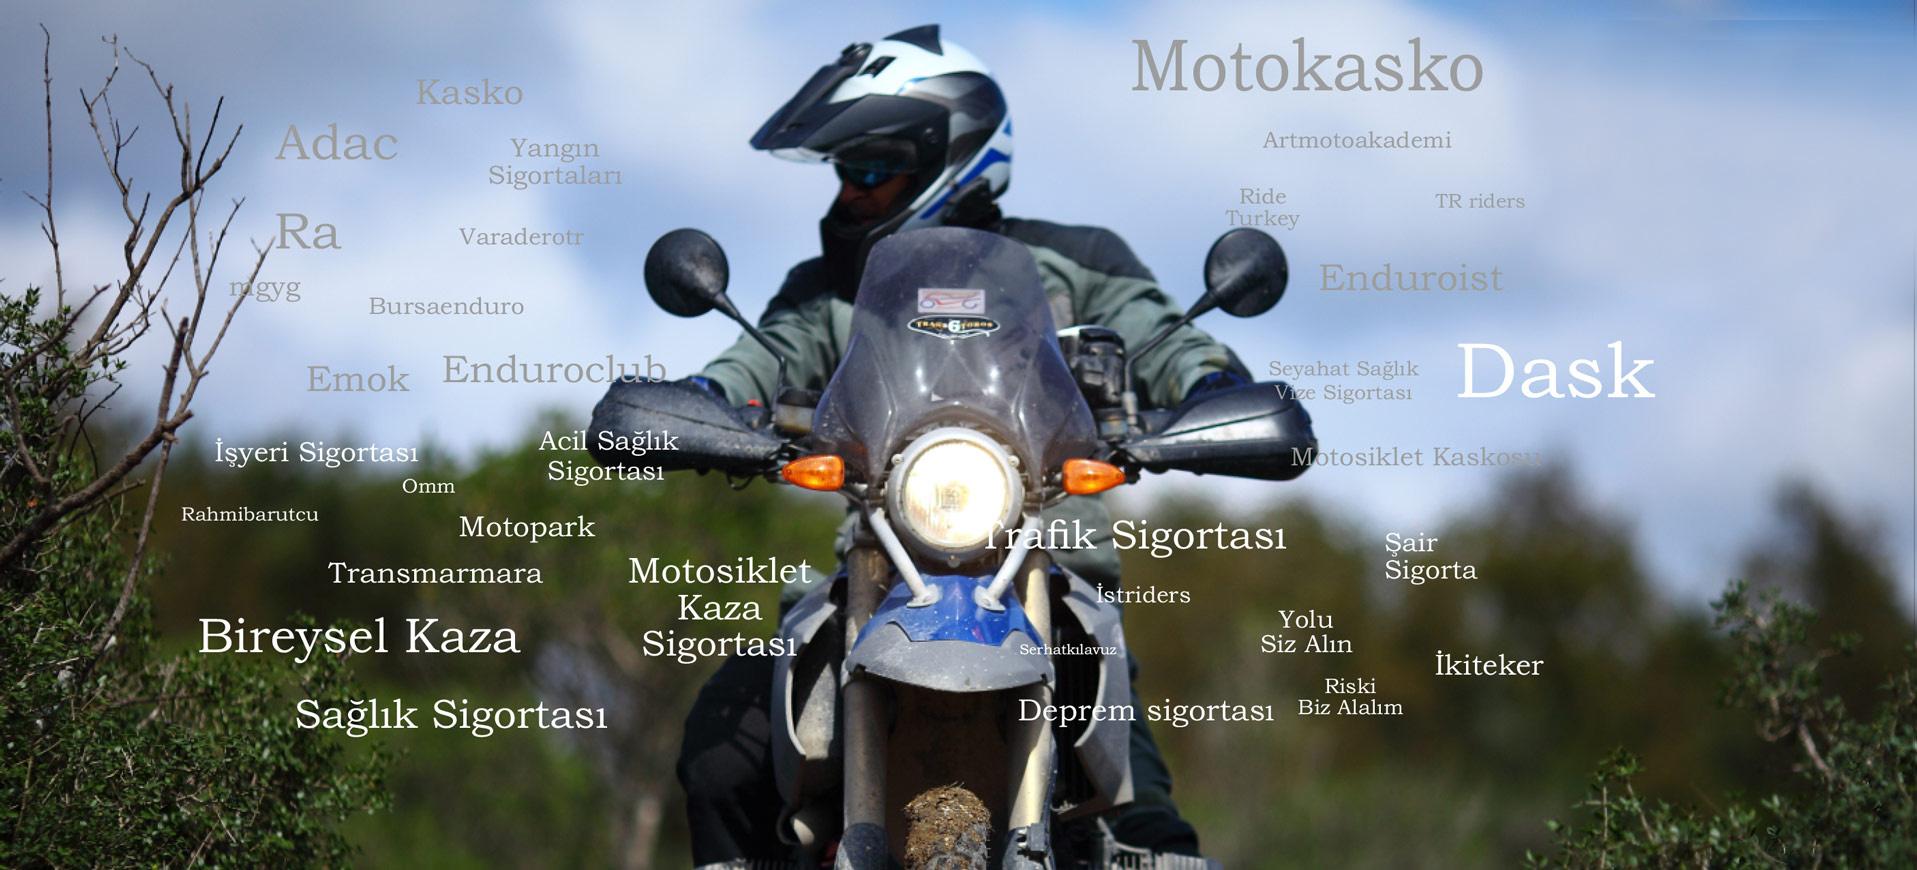 En Uygun Motosiklet Kasko Fiyatları